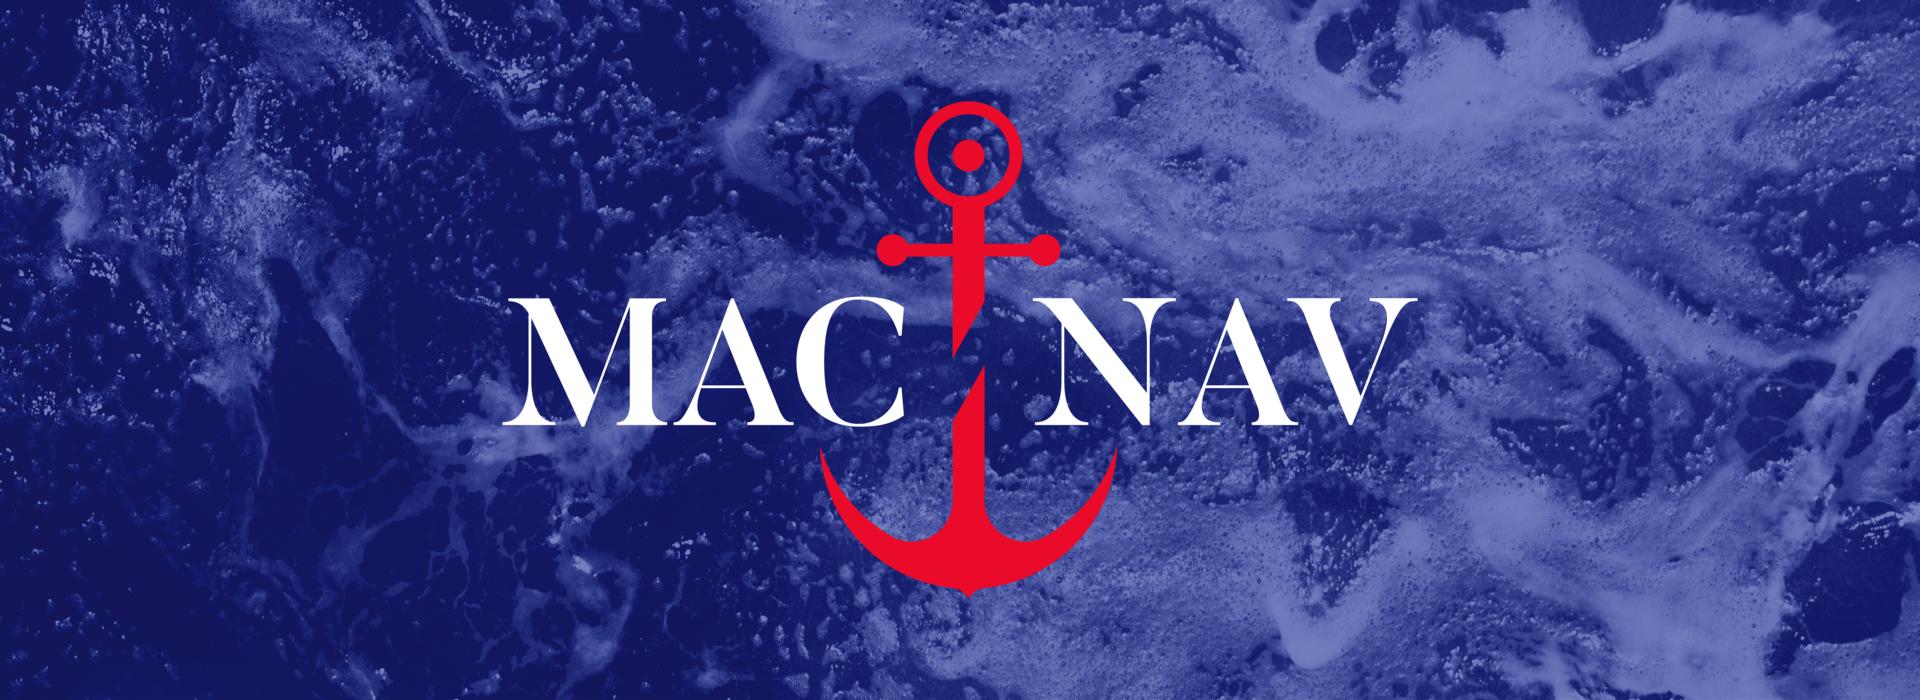 ícone do Mac-Nav com fundo azul